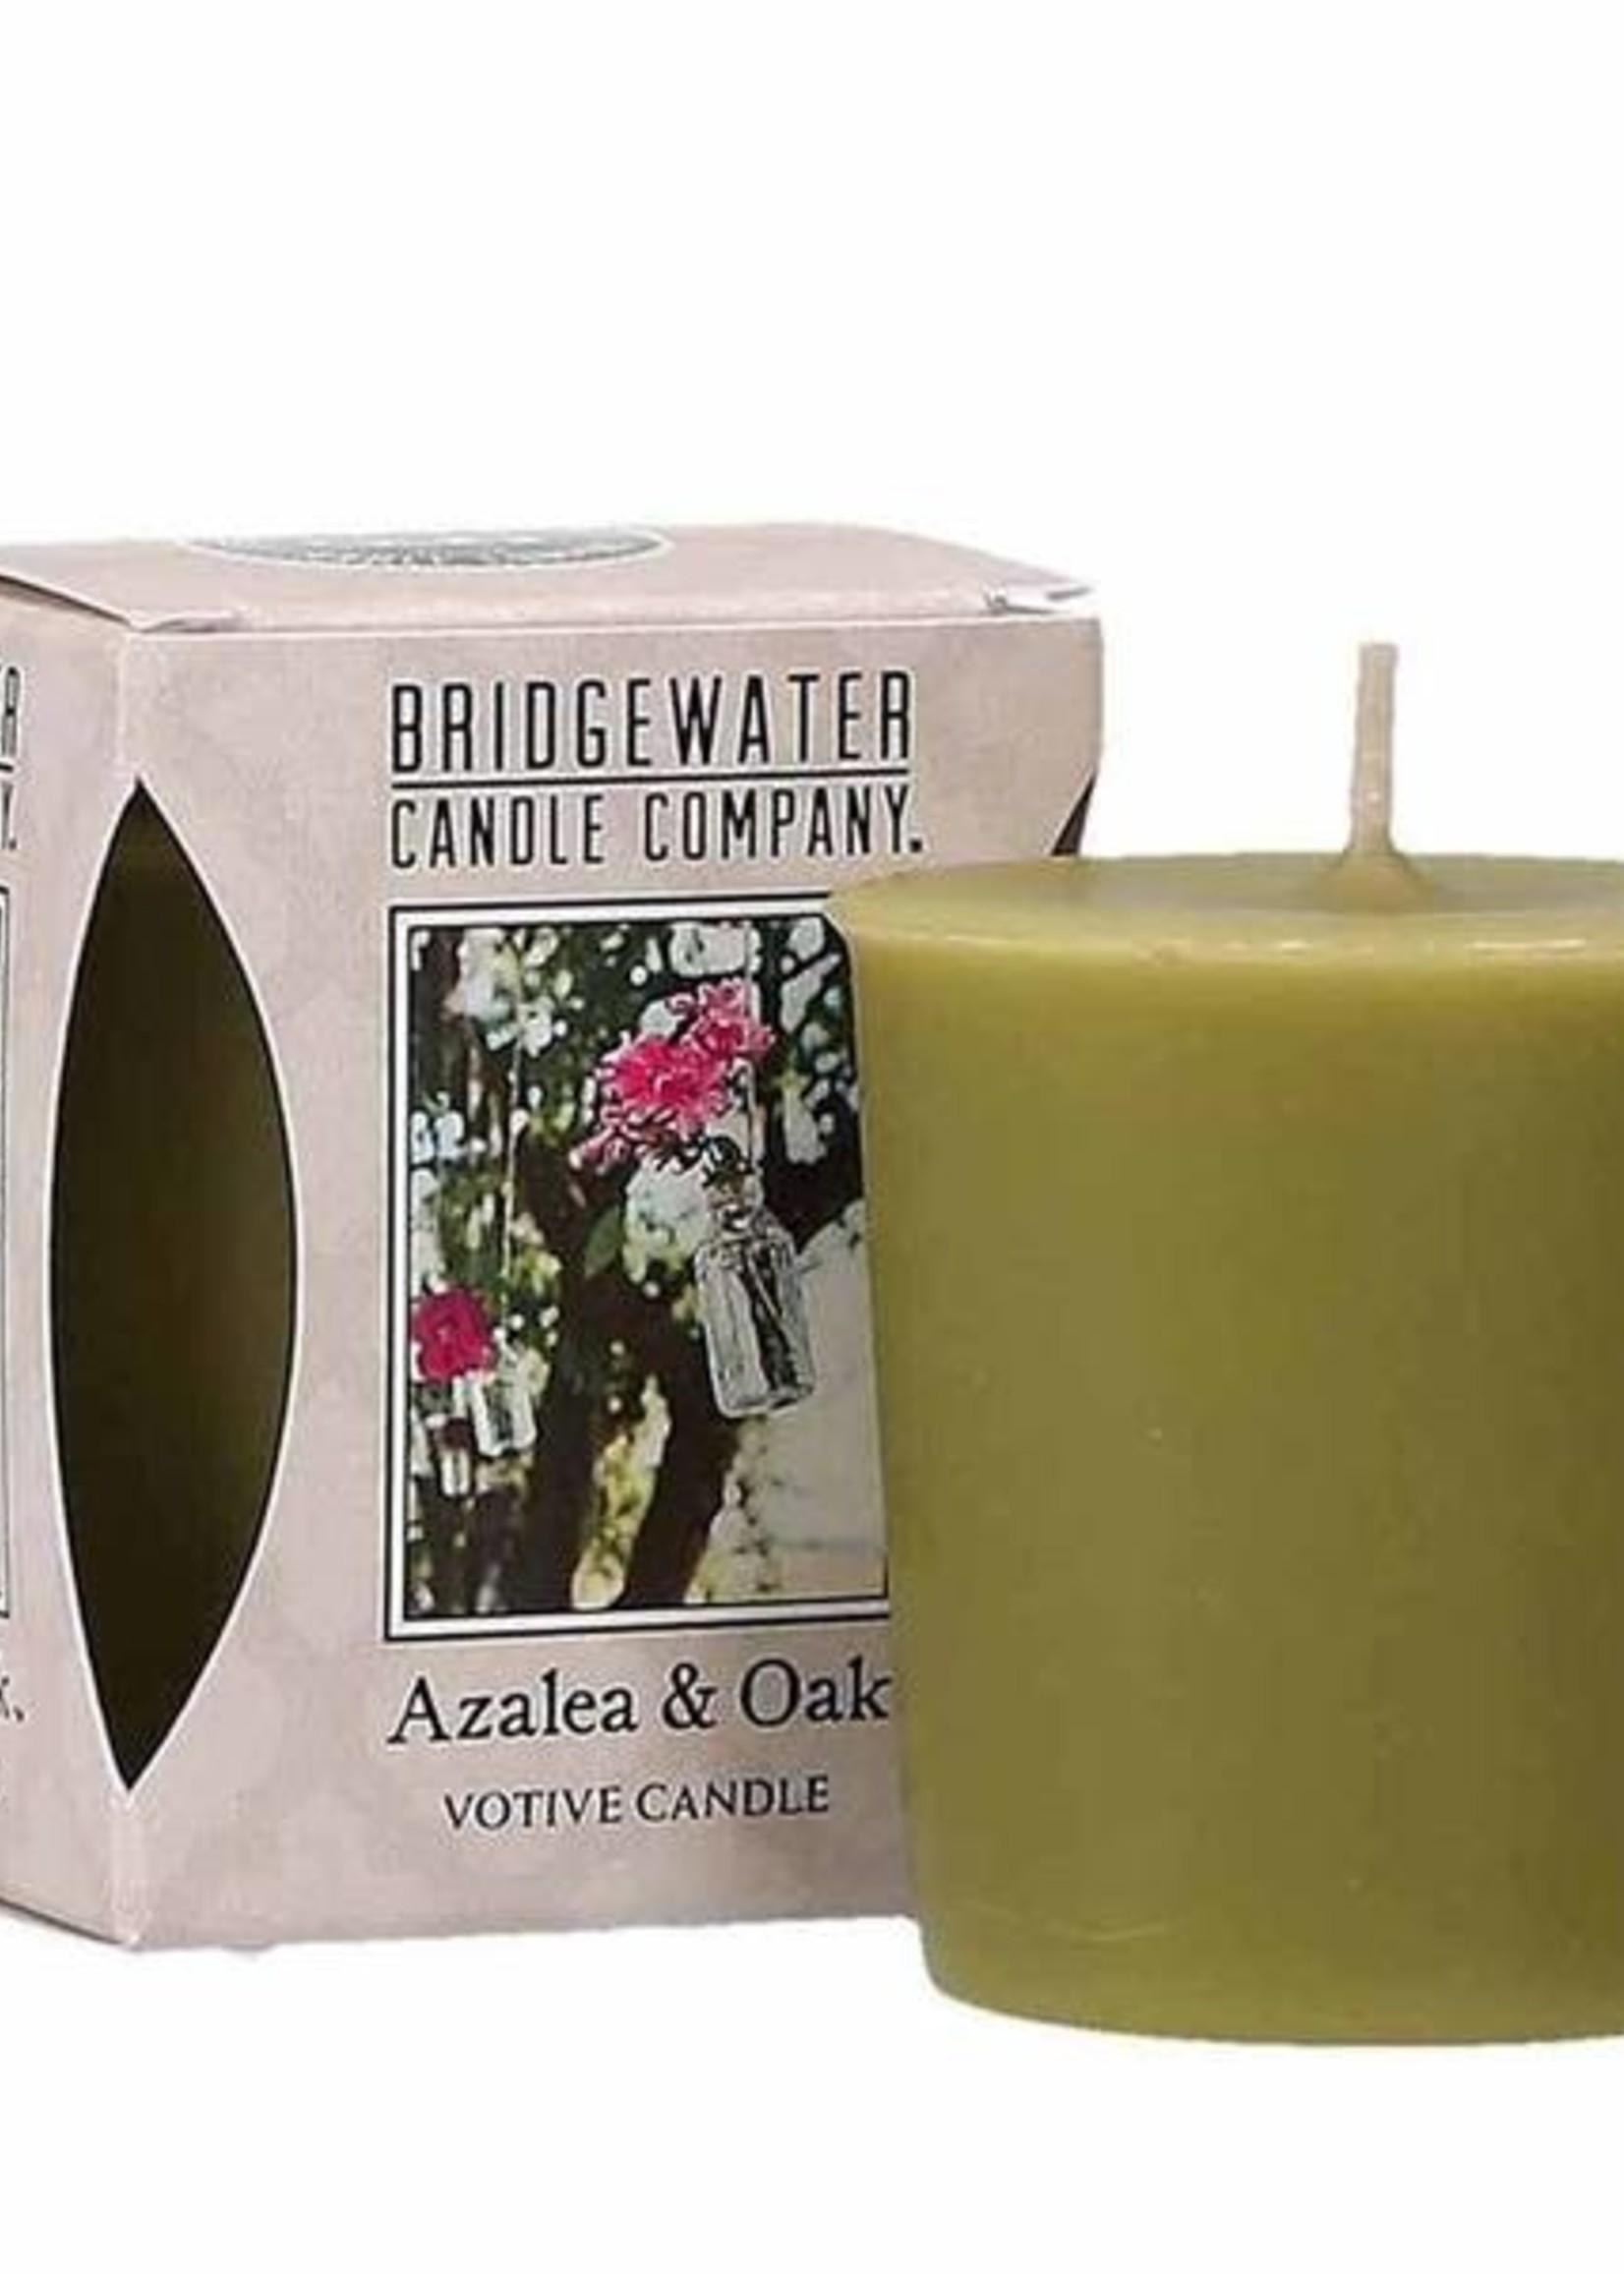 Bridgewater Votive Candle Azalea & Oak